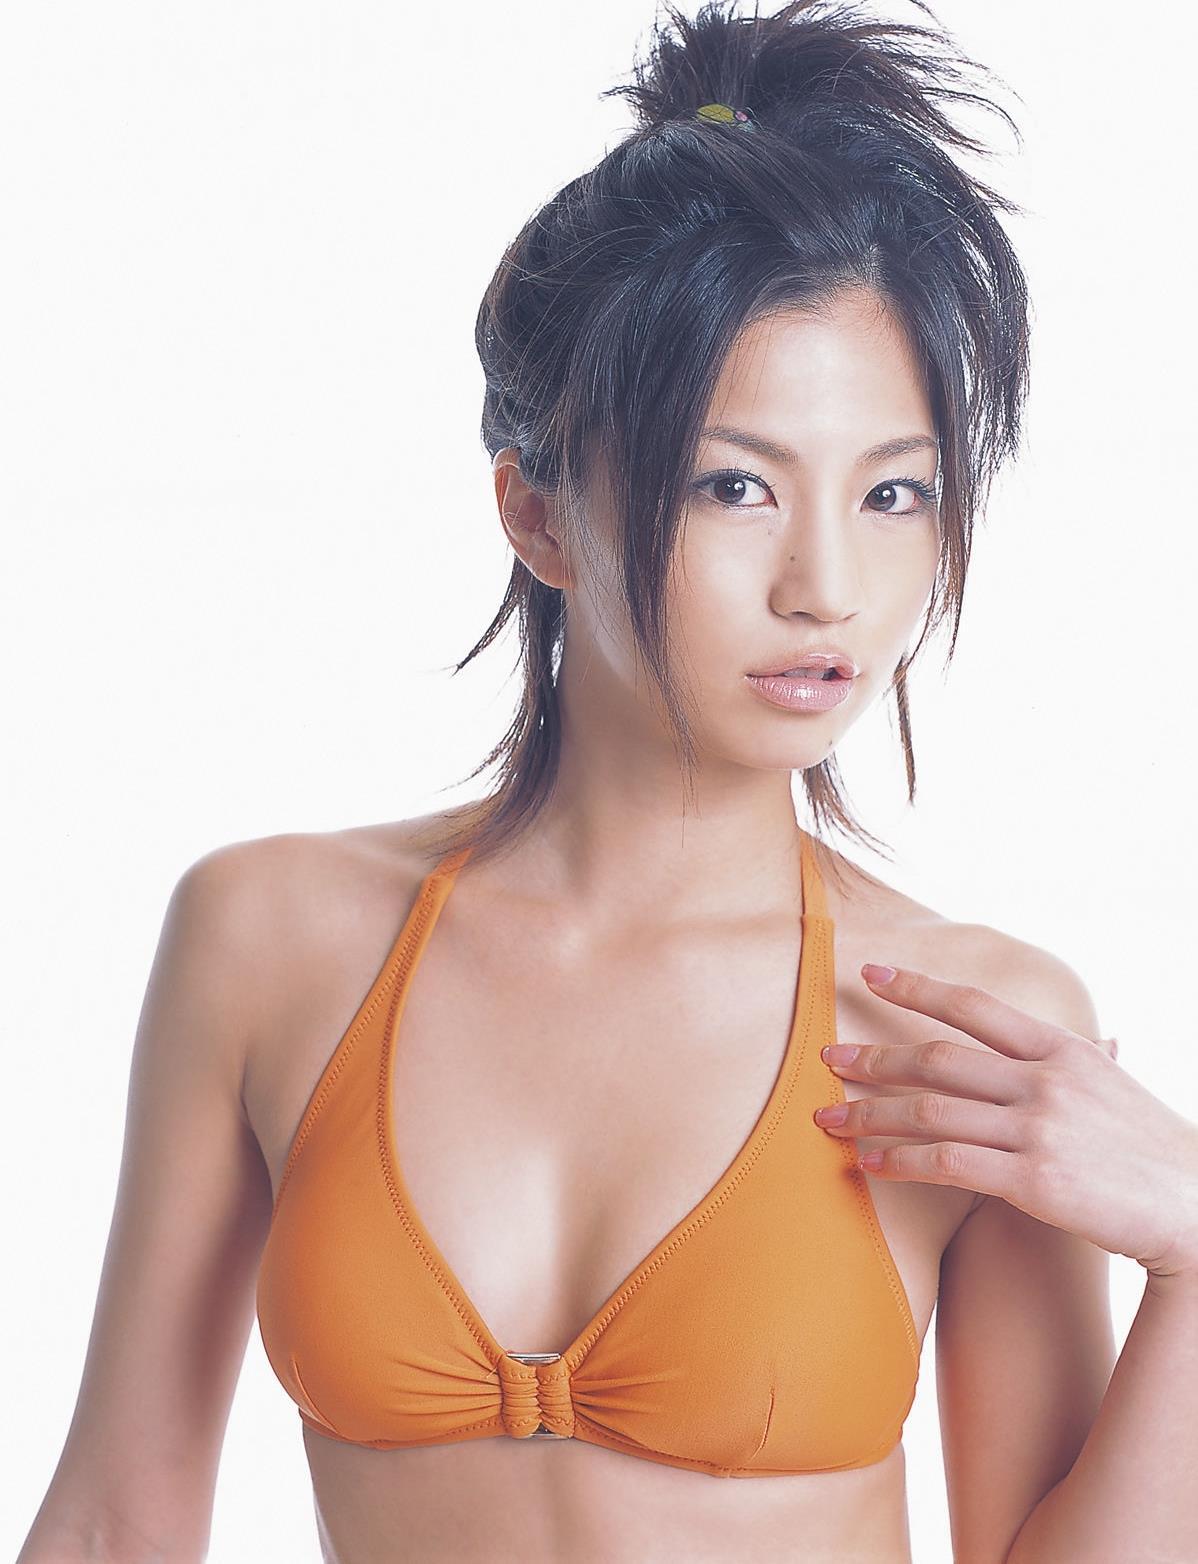 安田美沙子 画像 55